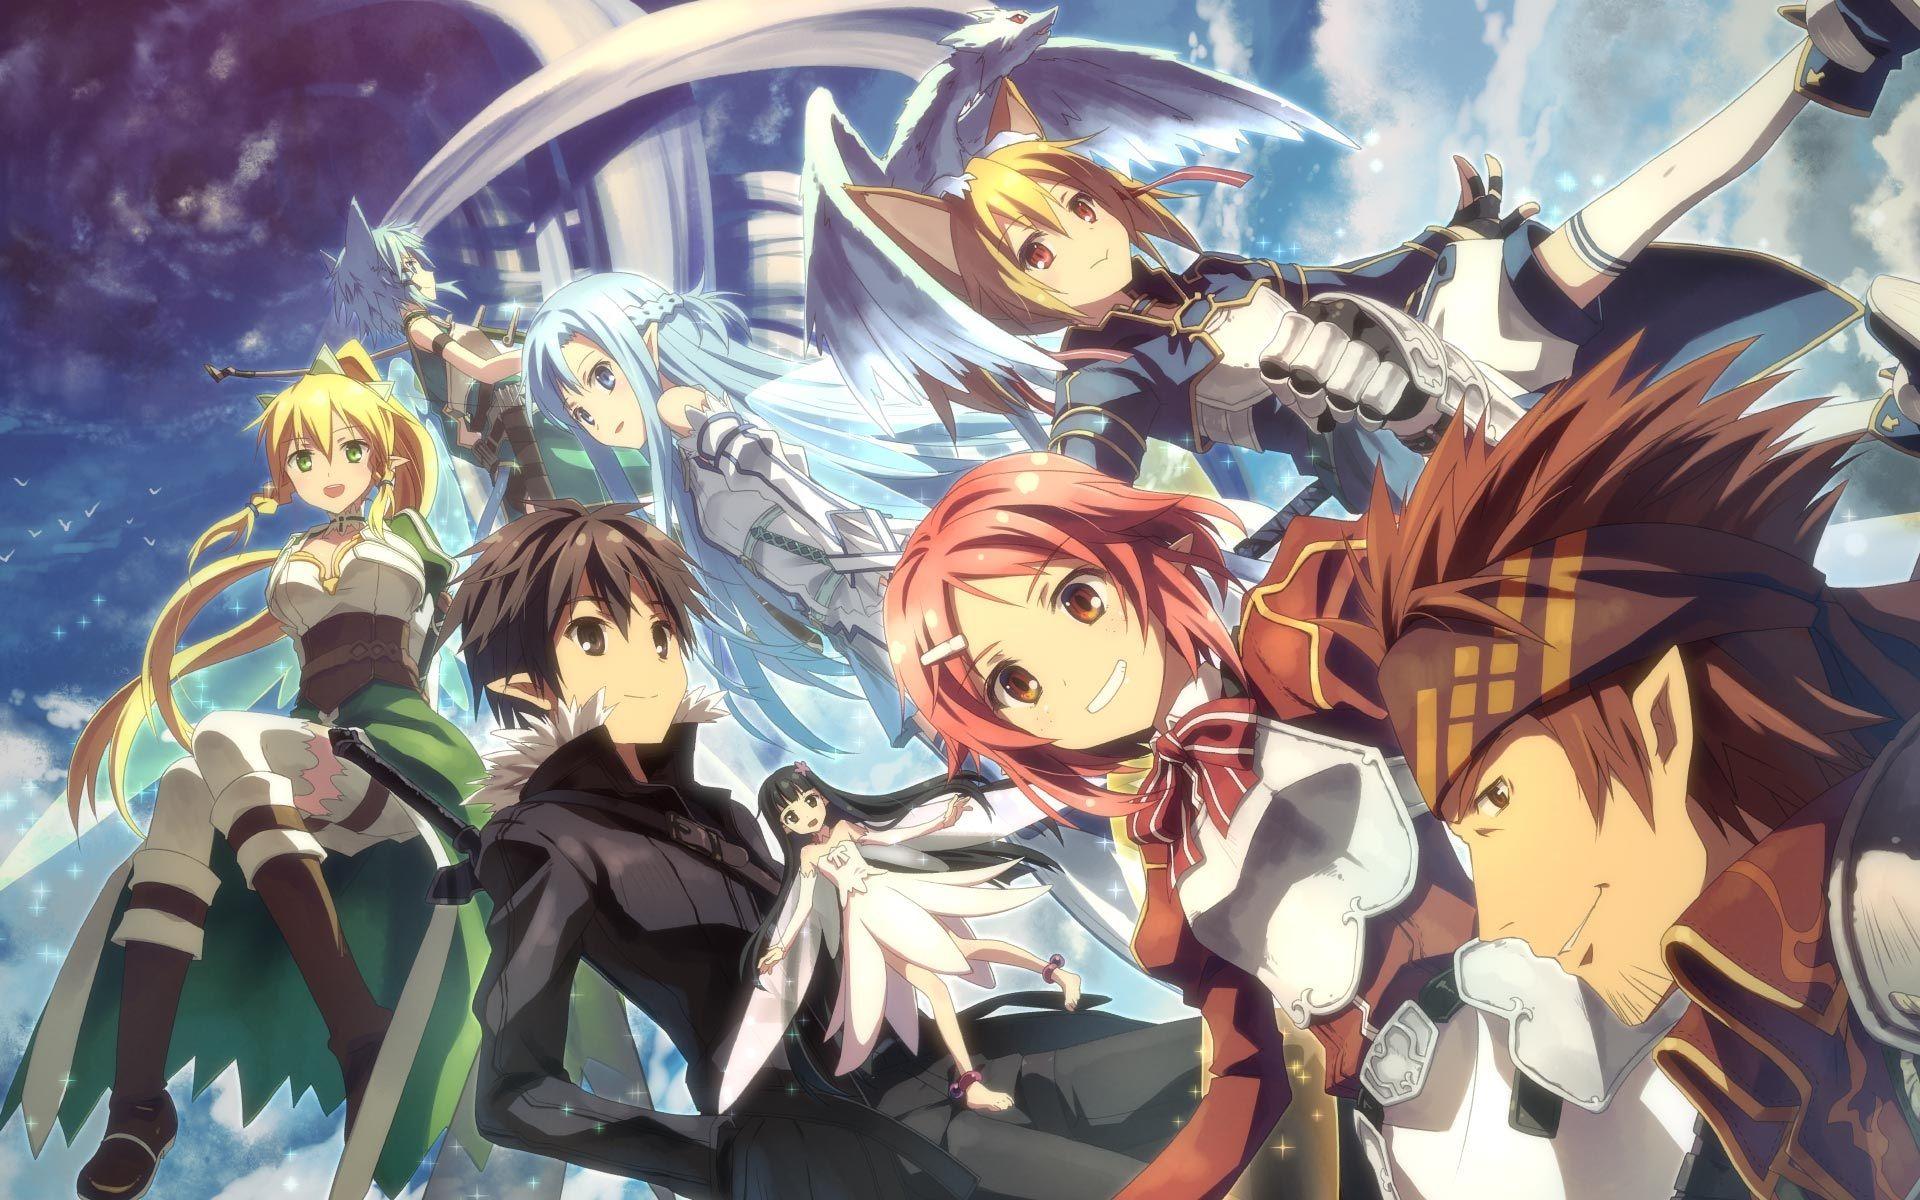 Sword Art Online Season 2 Wallpaper Google Search Arte De